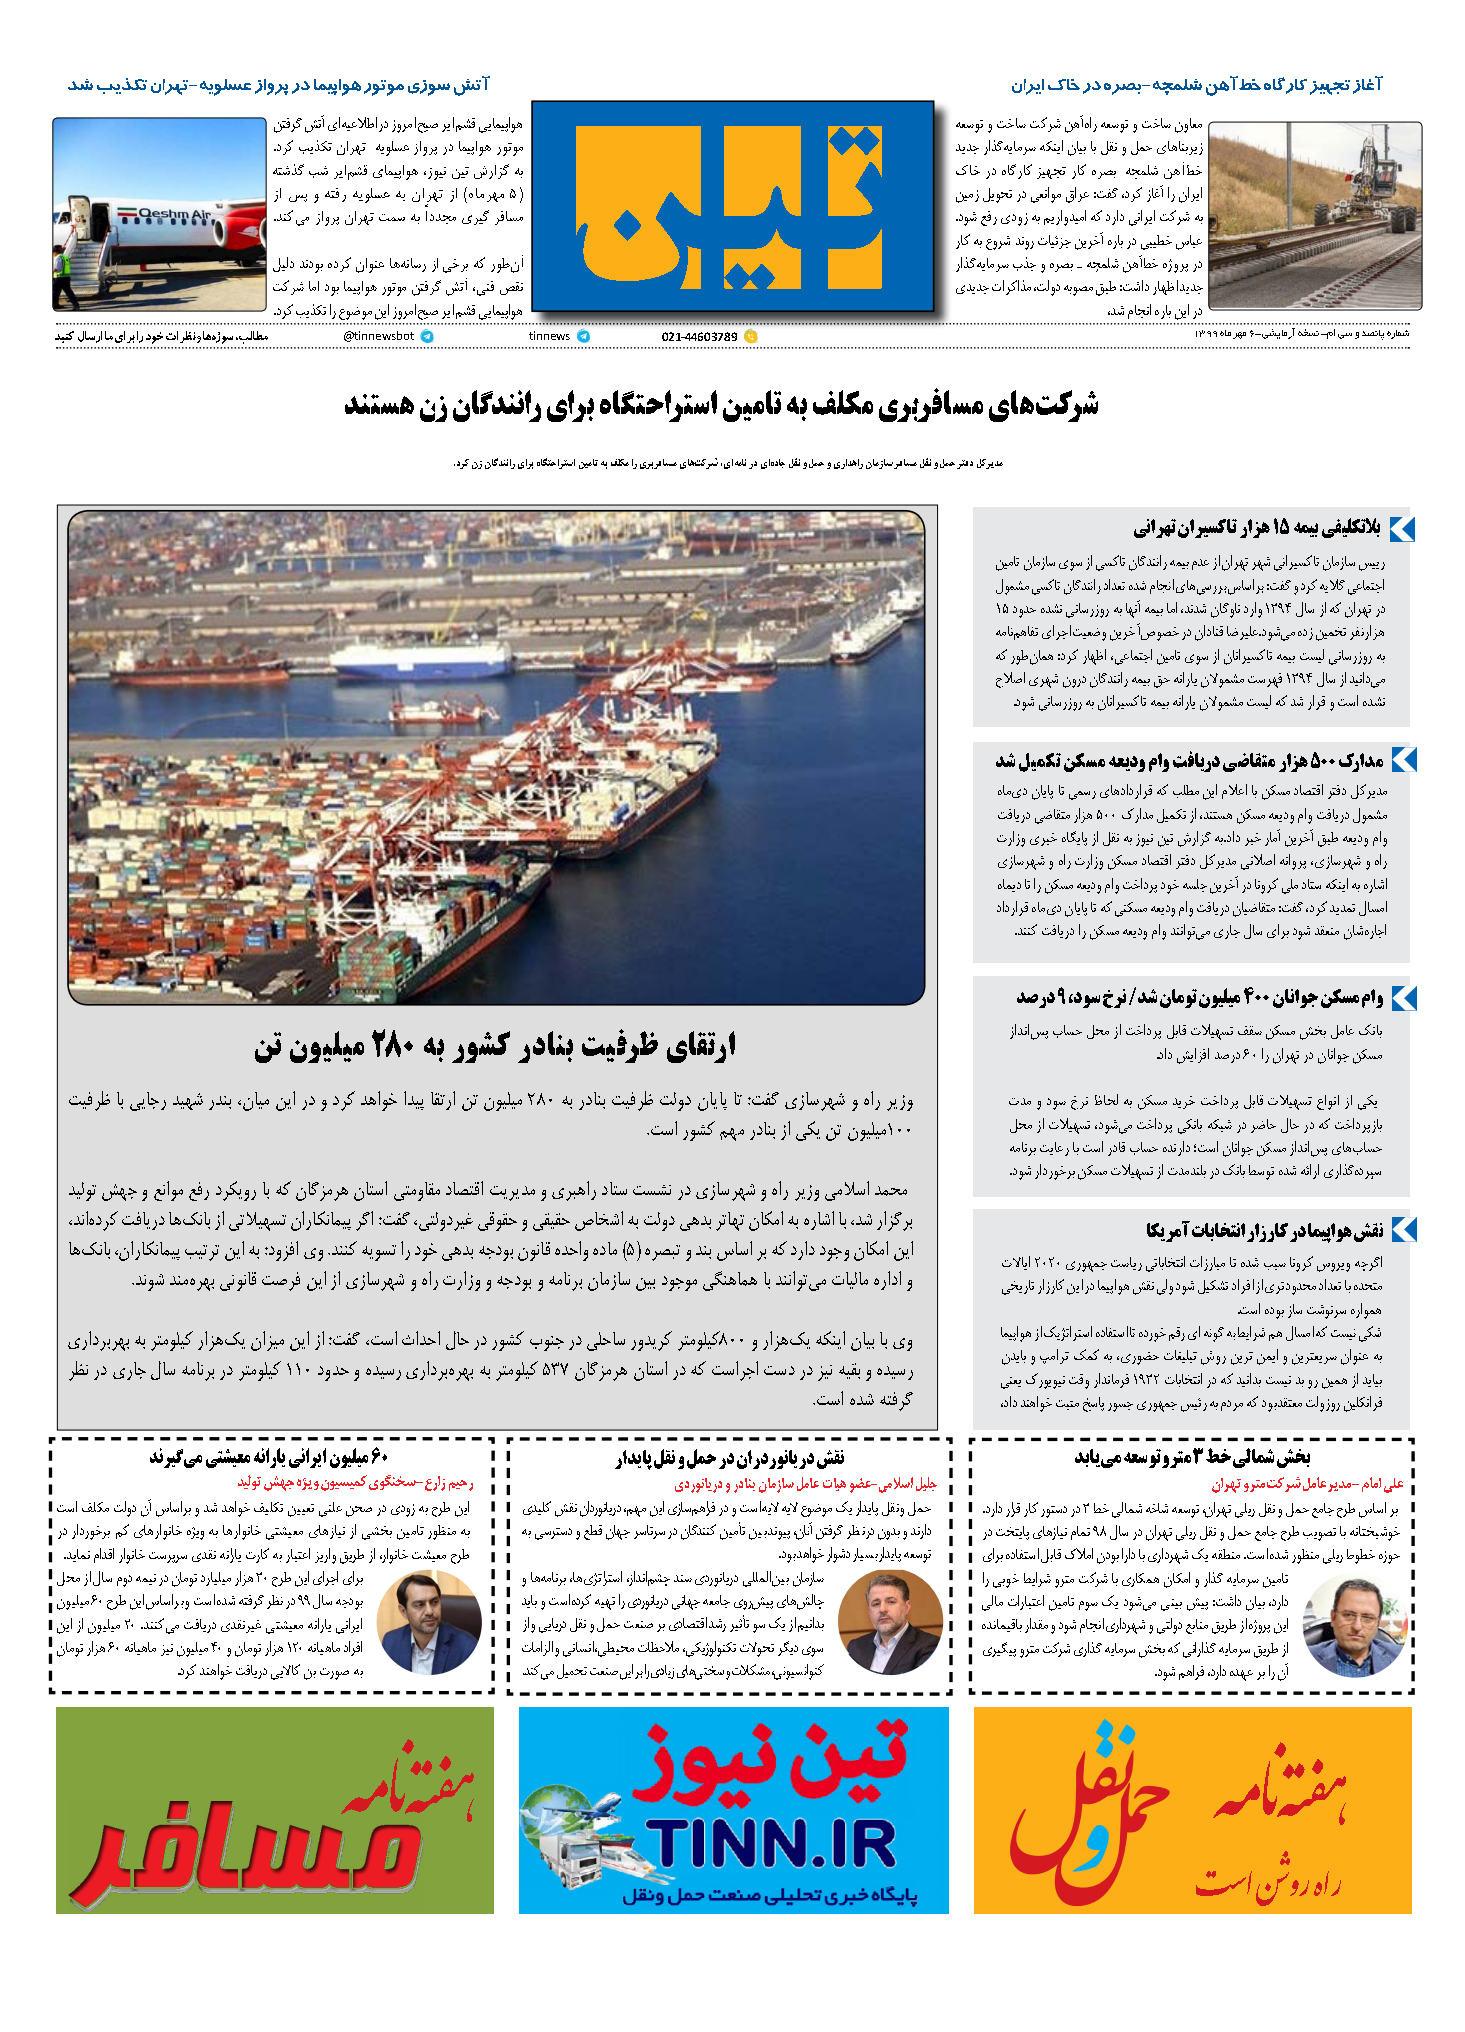 روزنامه الکترونیک 6 مهر ماه 99